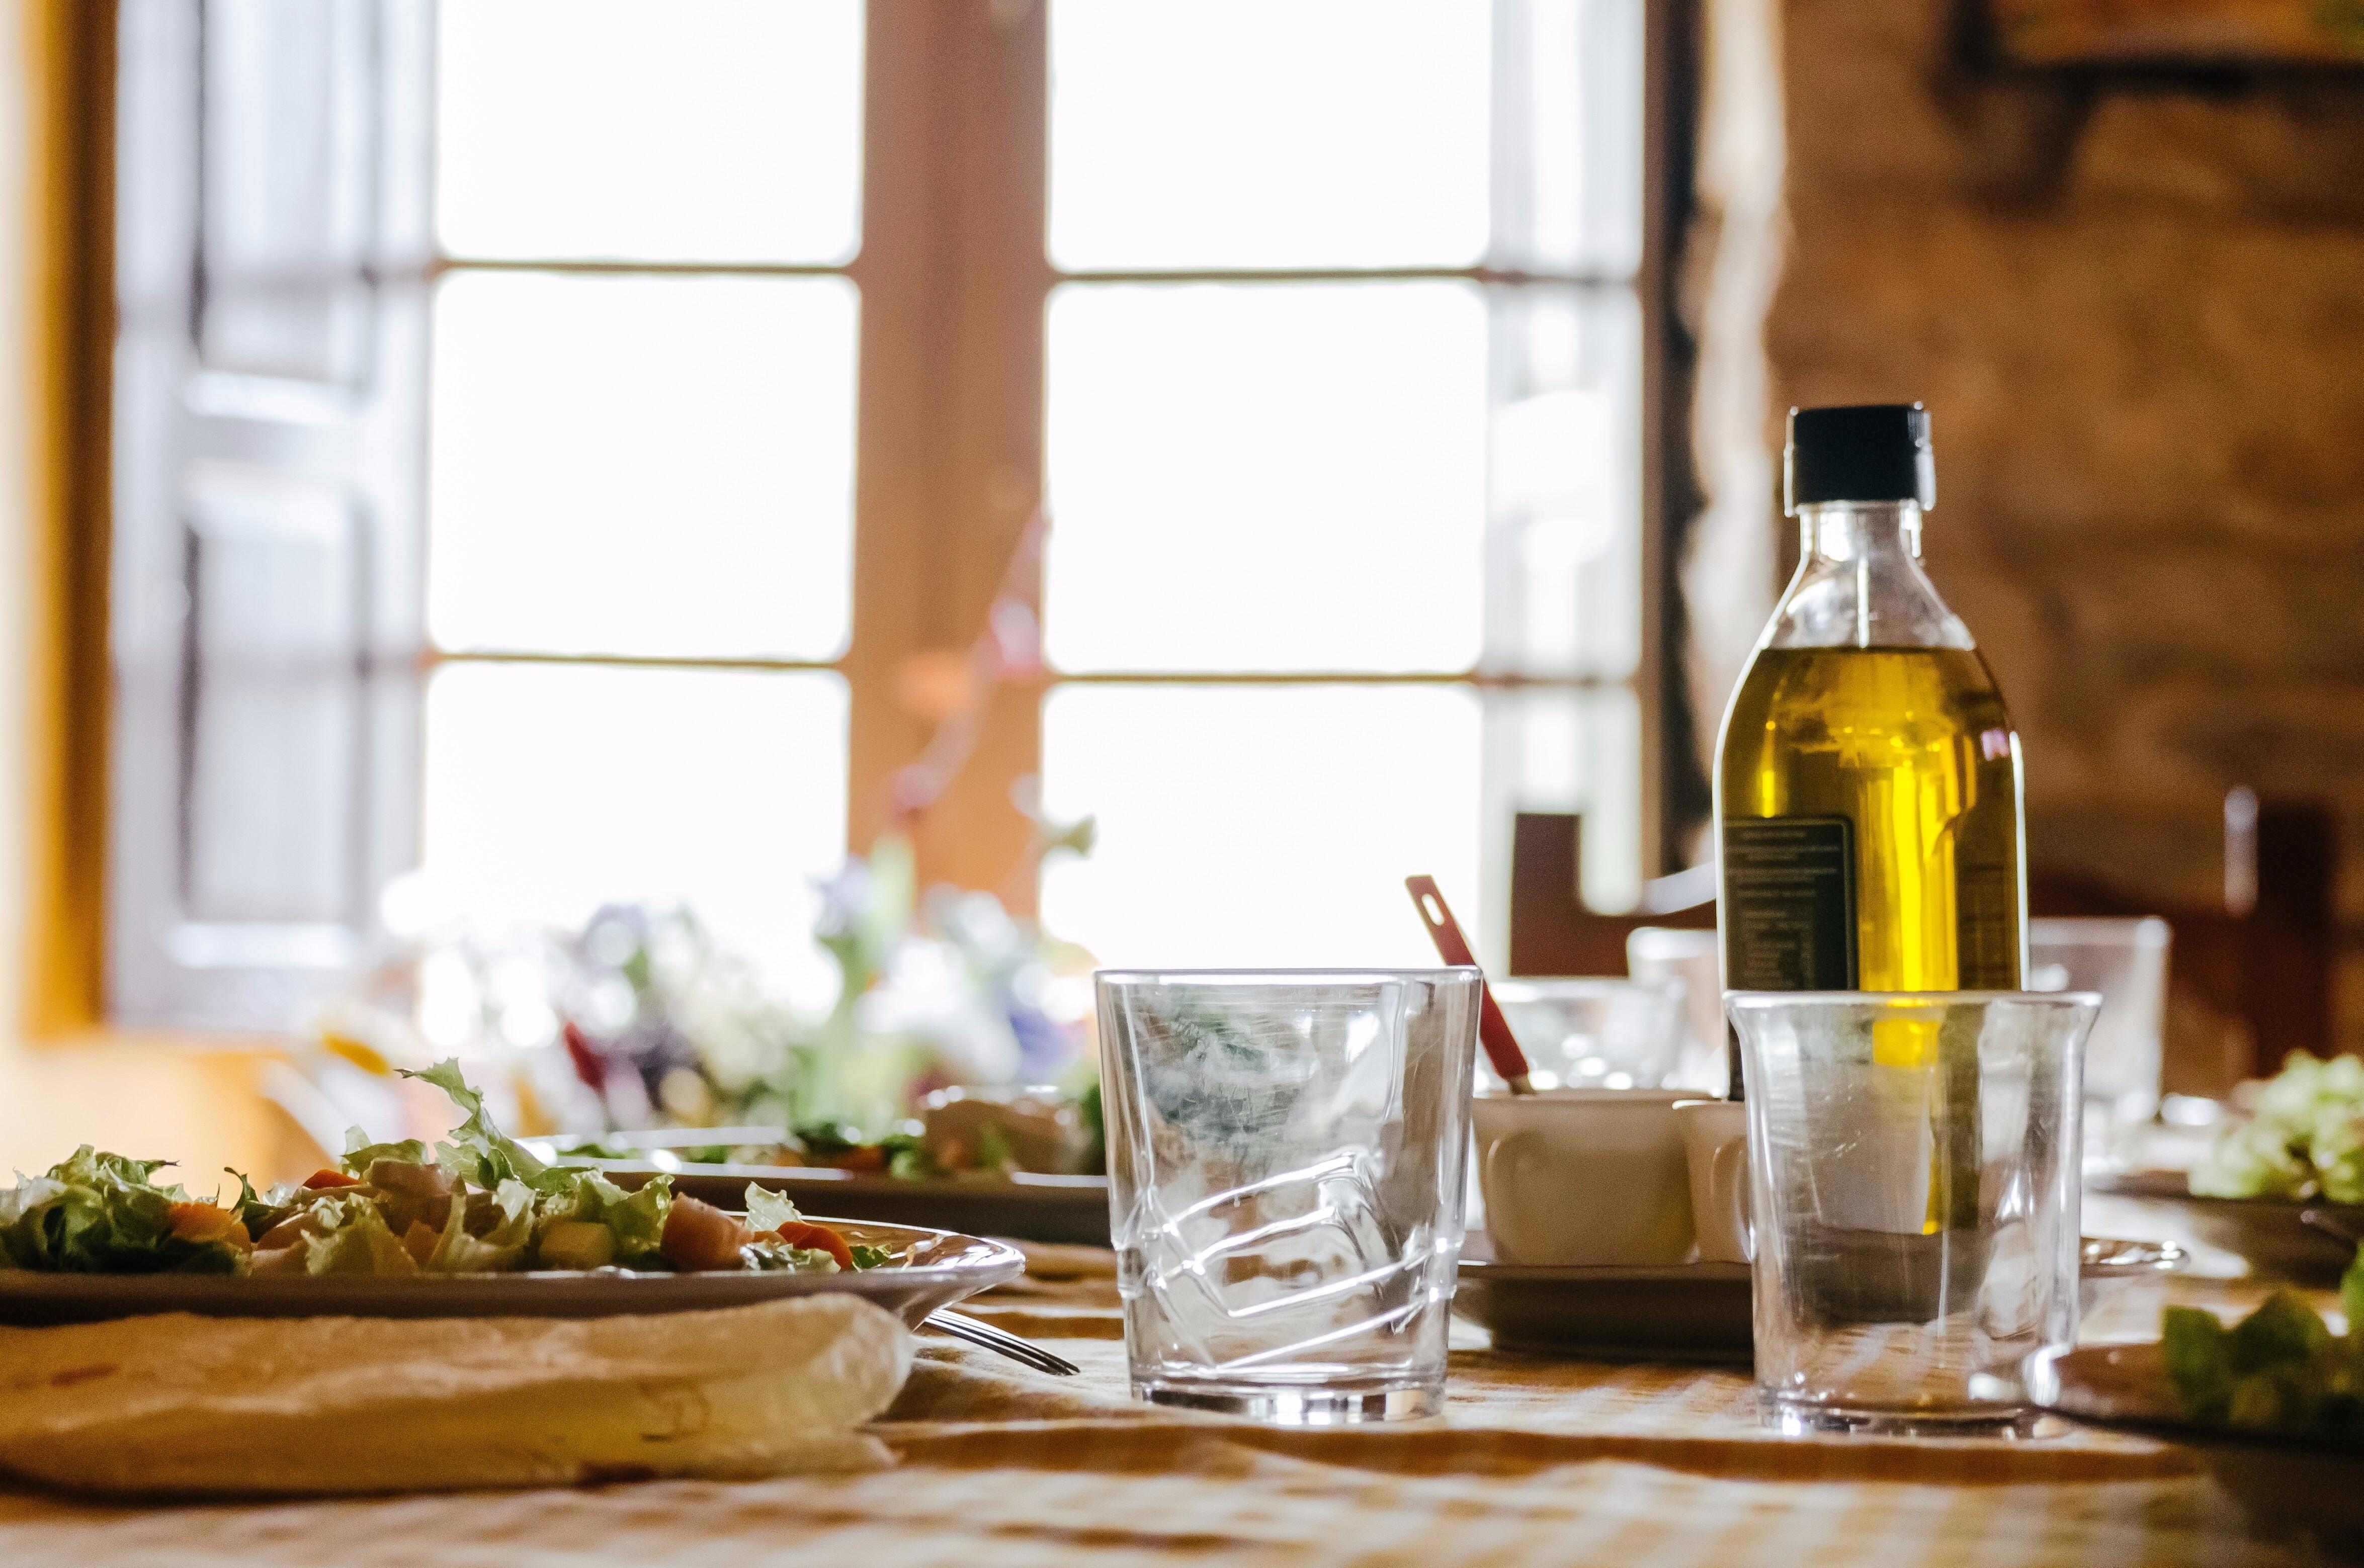 Масло для салатов: какое лучше, чтобы не сорваться с диеты